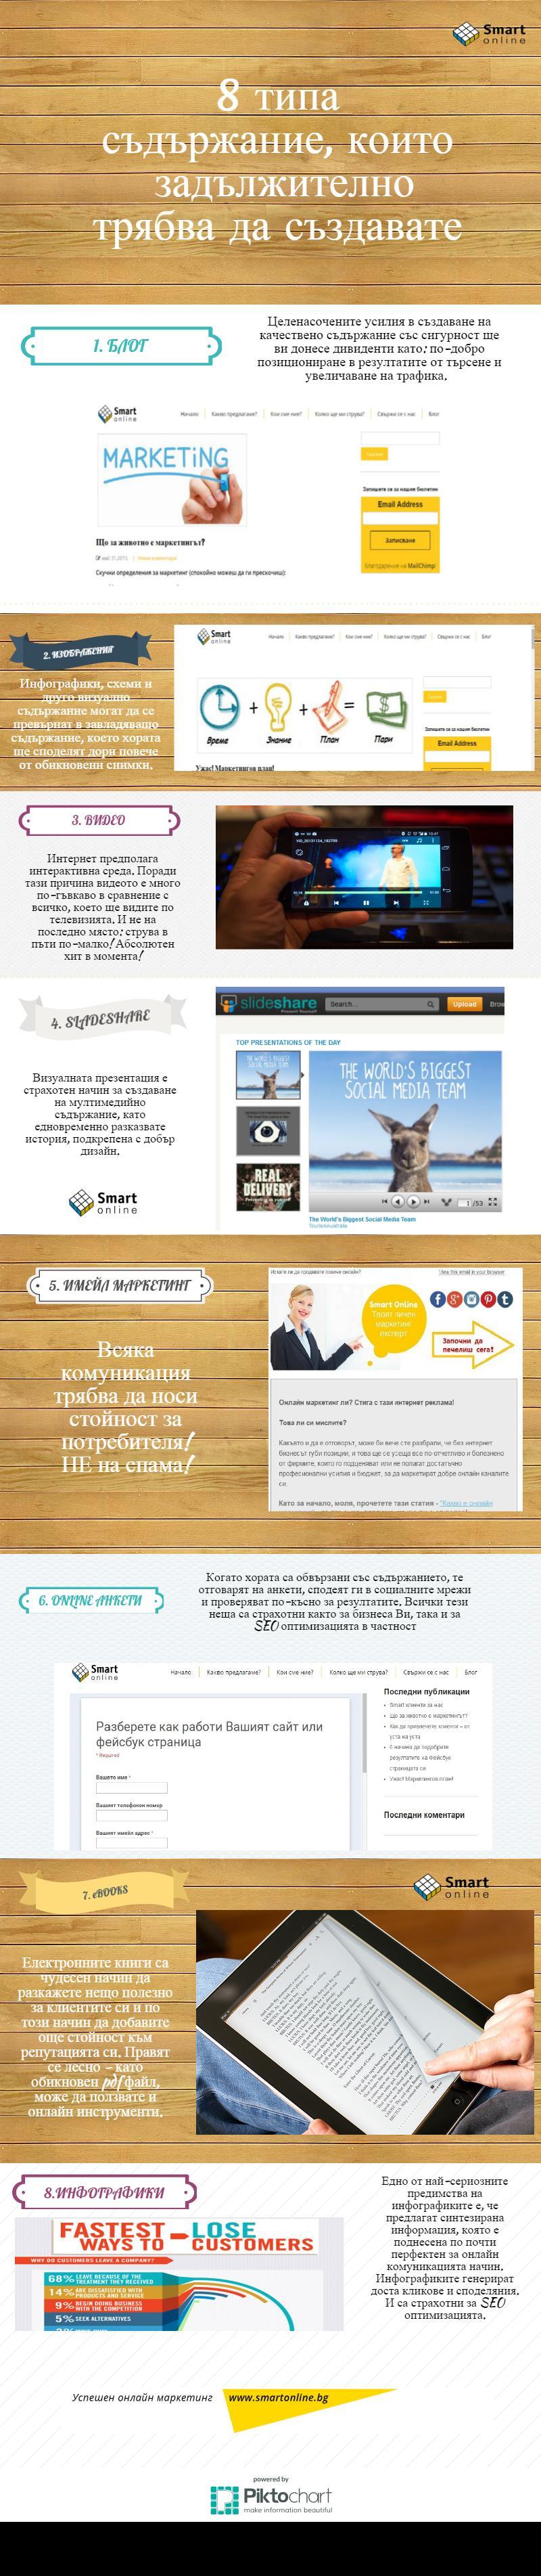 8 типа съдържание, което задължително трябва да създавате (инфографика) | Smart Online